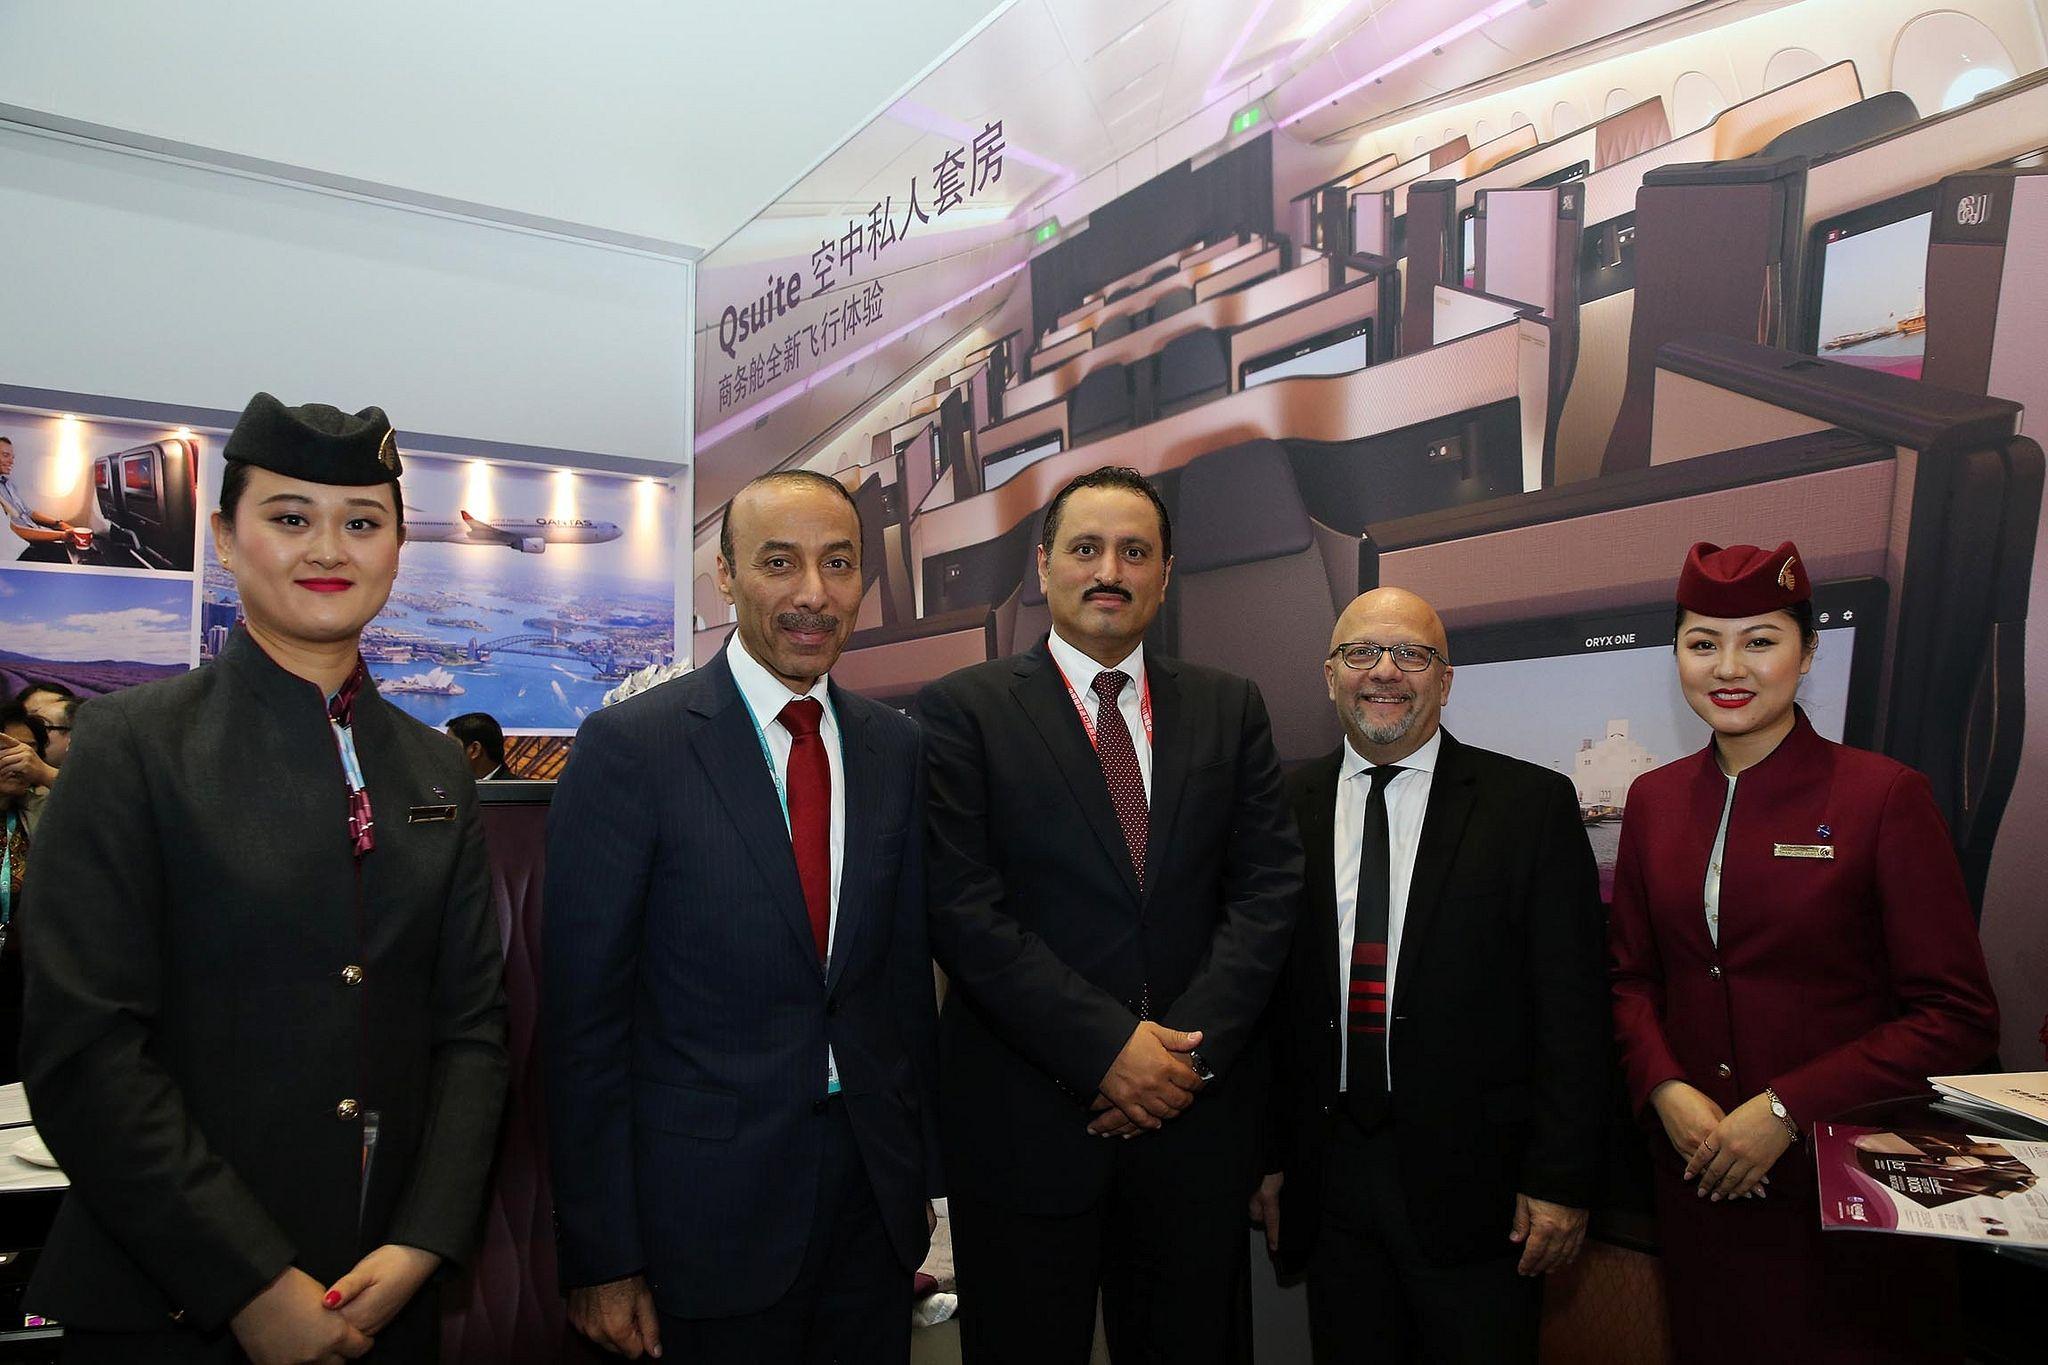 卡塔尔航空公司参加首届中国国际进口博览会